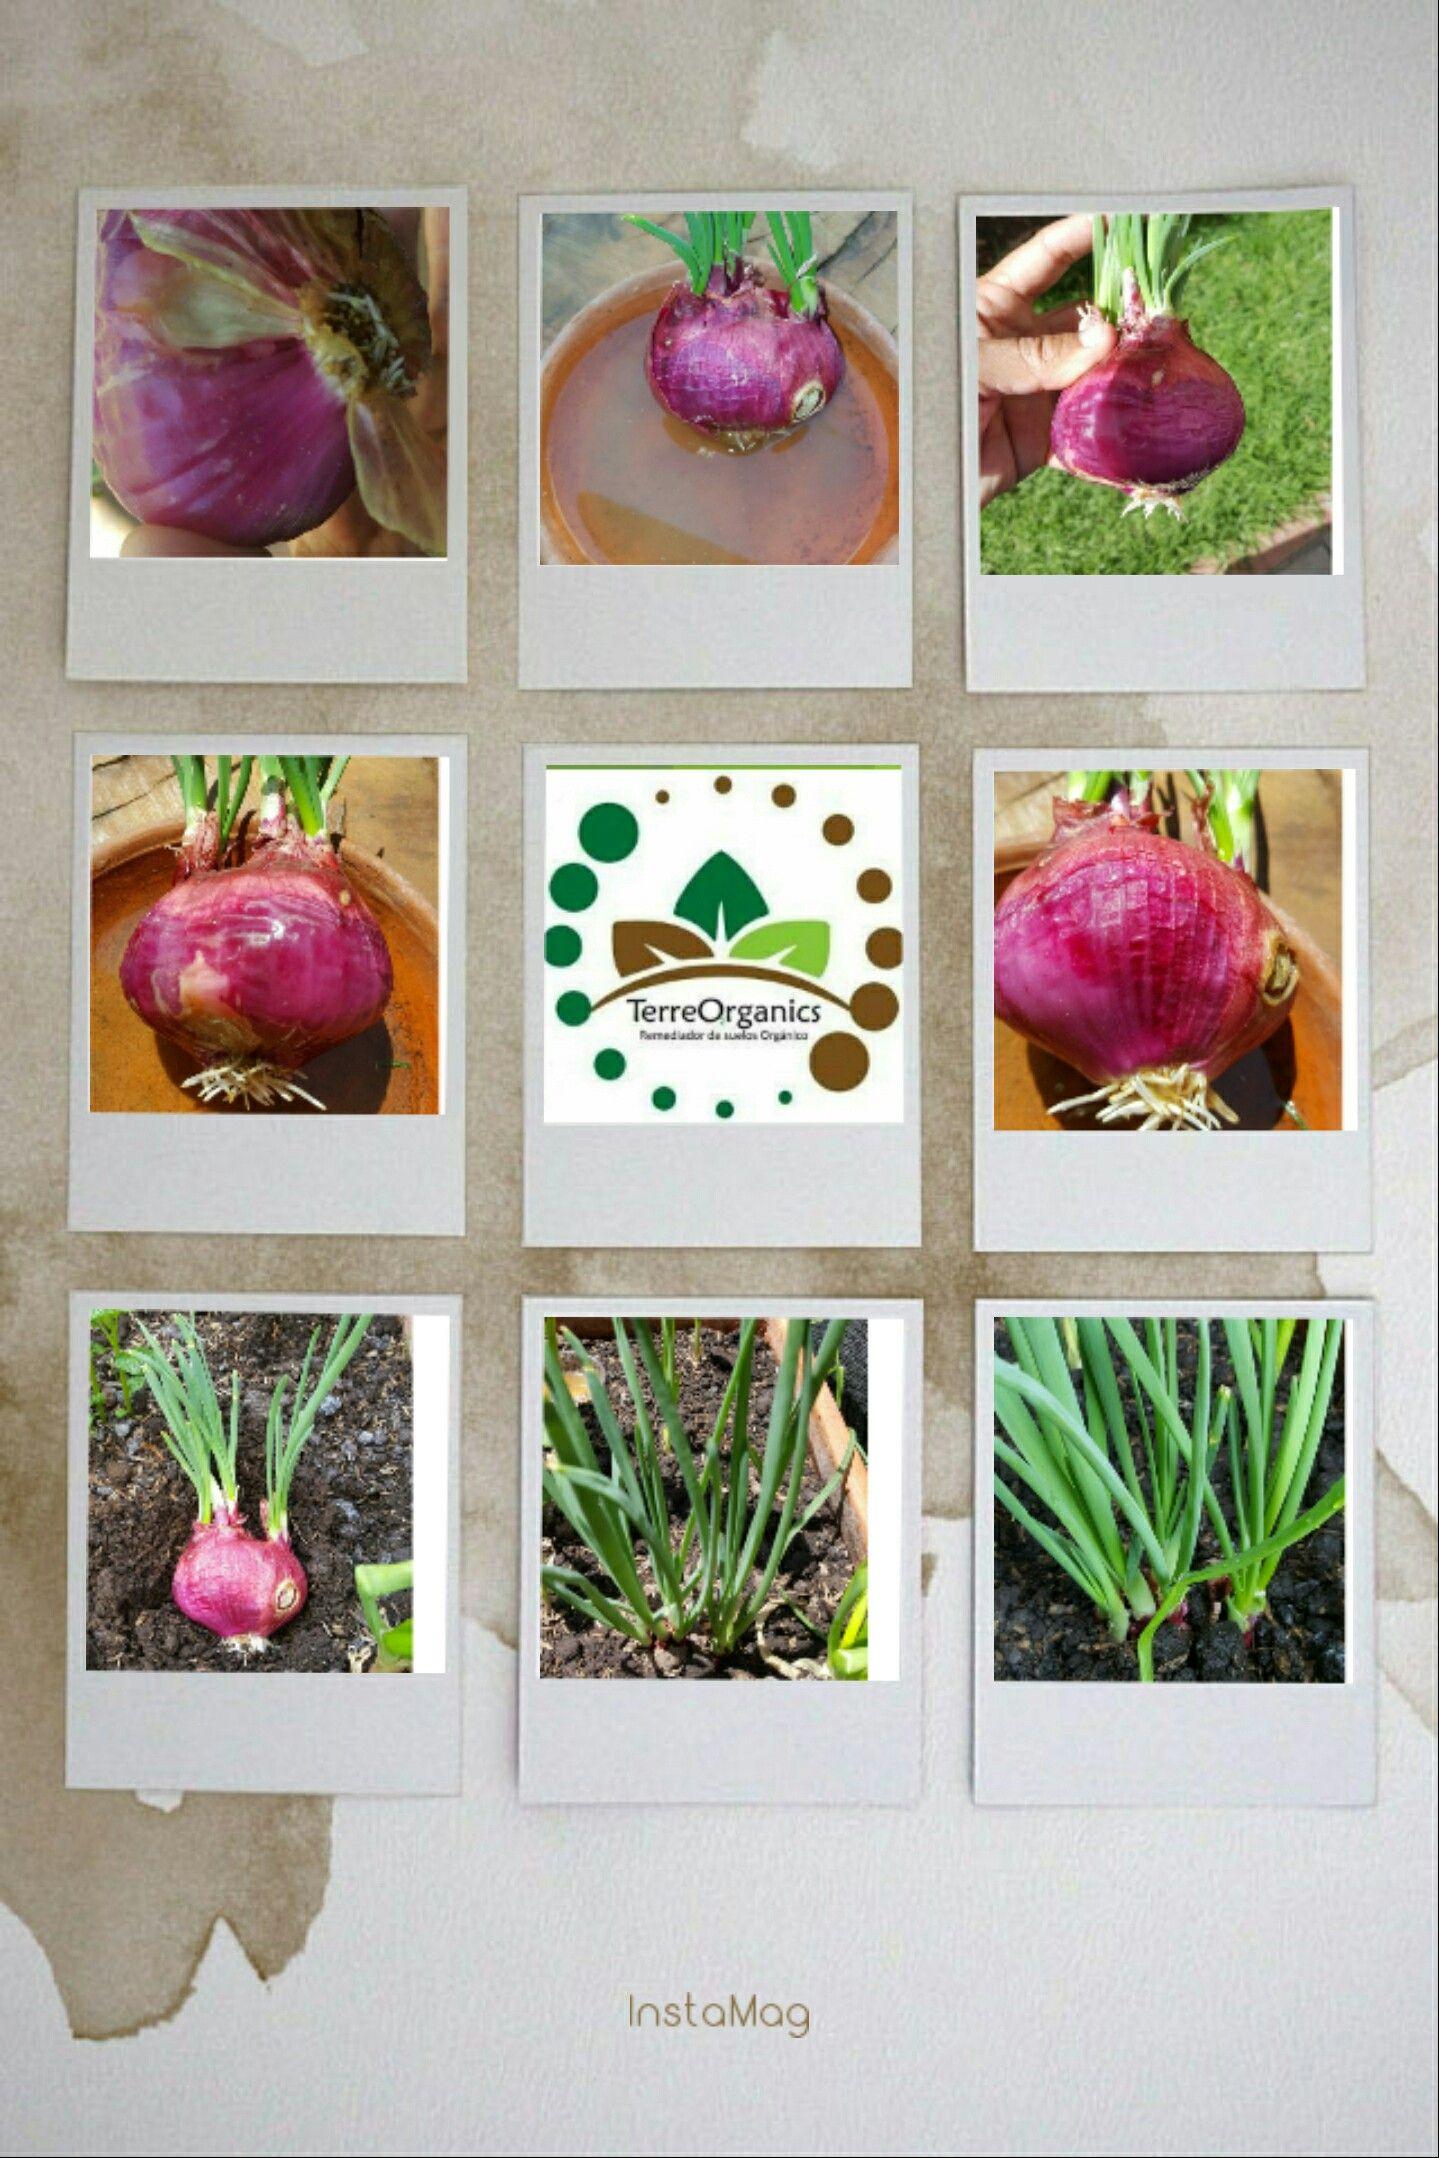 Mejoramiento del proceso de enraizado en  ajo y cebolla cabezona por la acción y propiedades de TerreOrganics. 100% orgánico, No tóxico, resultados a corto plazo, producto y producción saludables. Piensa en verde, actúa en verde🌎✔